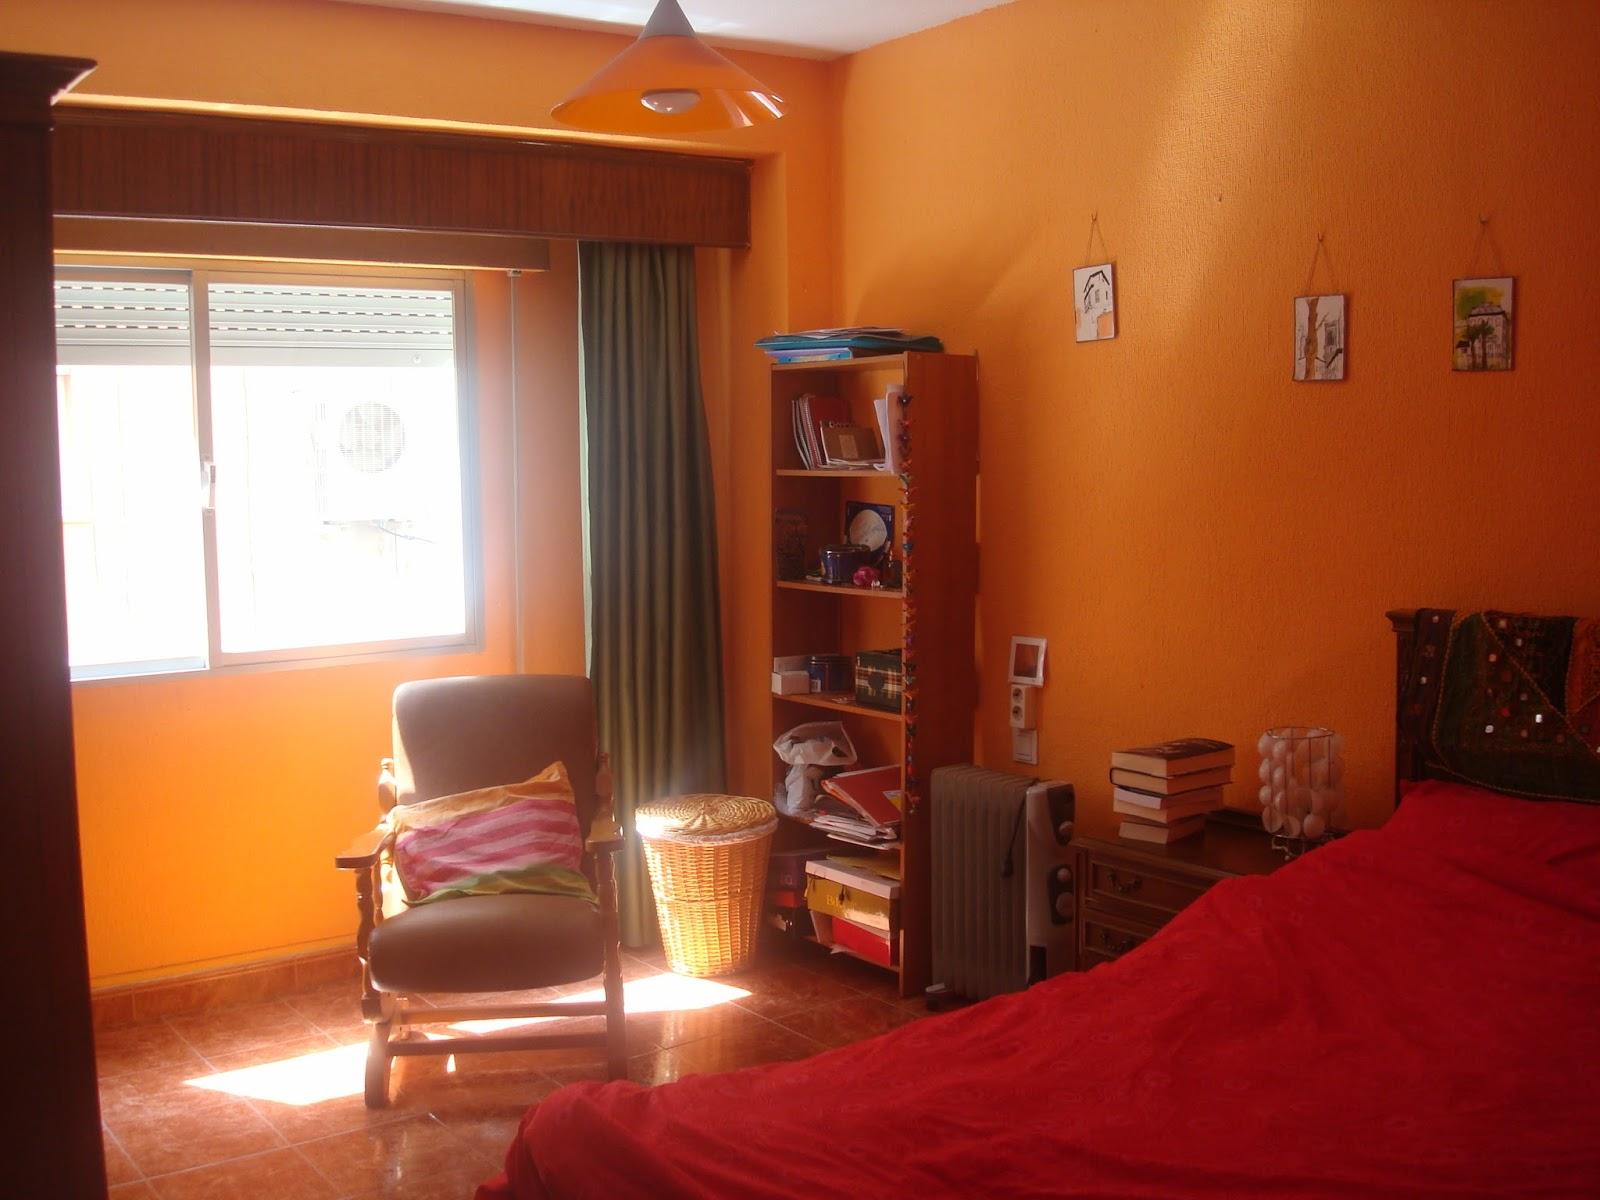 Colores en la calle primavera dormitorio naranja for Dormitorio naranja